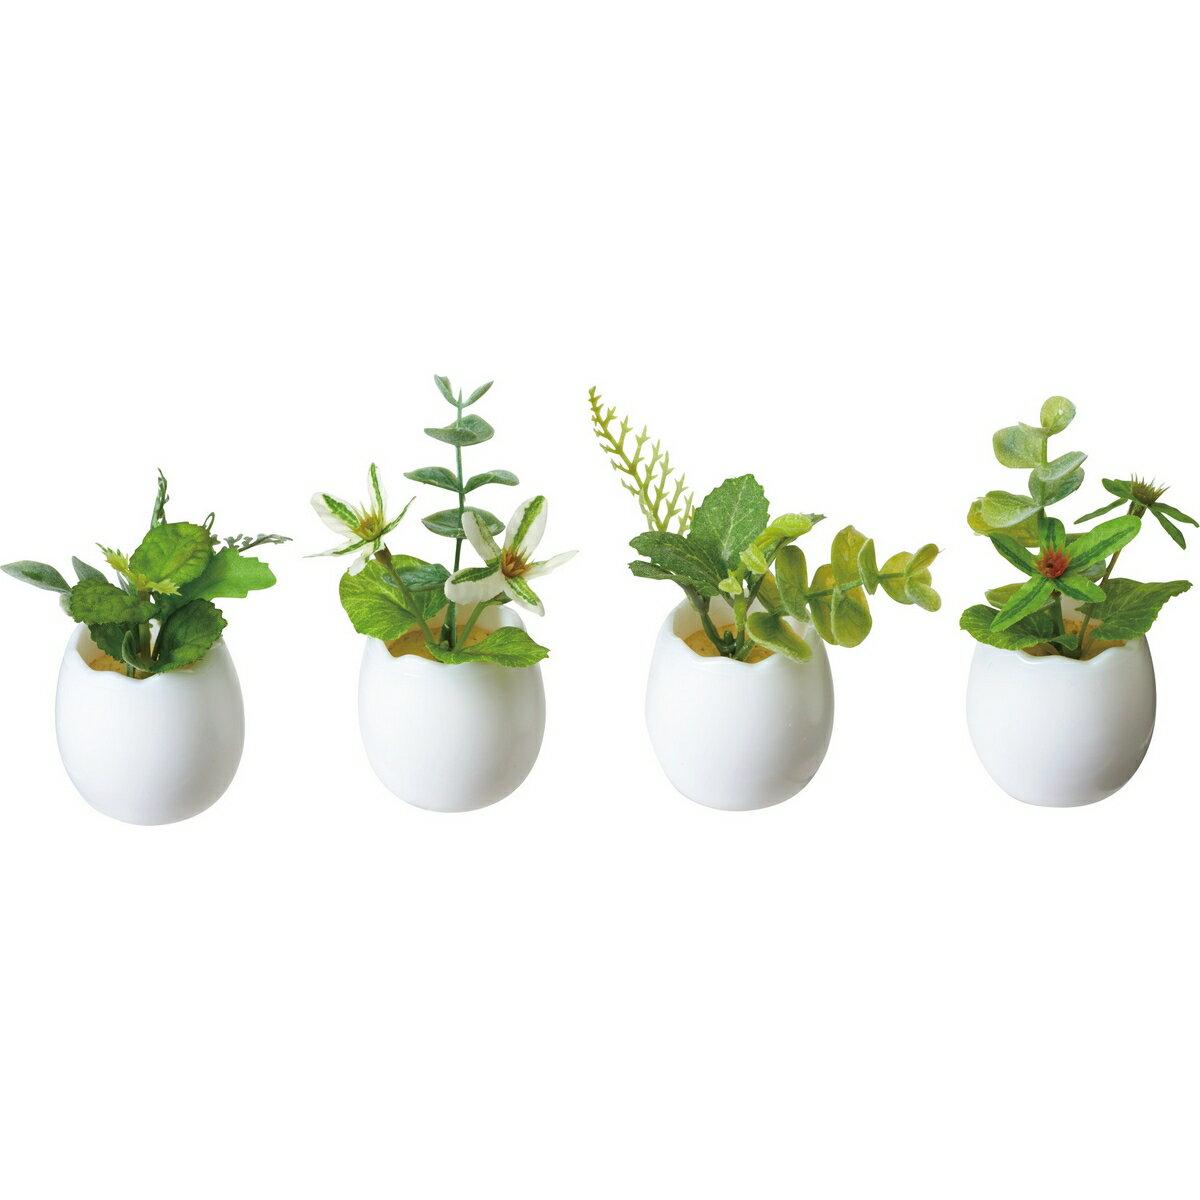 【造花】YDM/グリーンミックスエッグポット ※4種類のいずれか1つ。お選びいただけません。/GLA-1406-AST【01】【取寄】